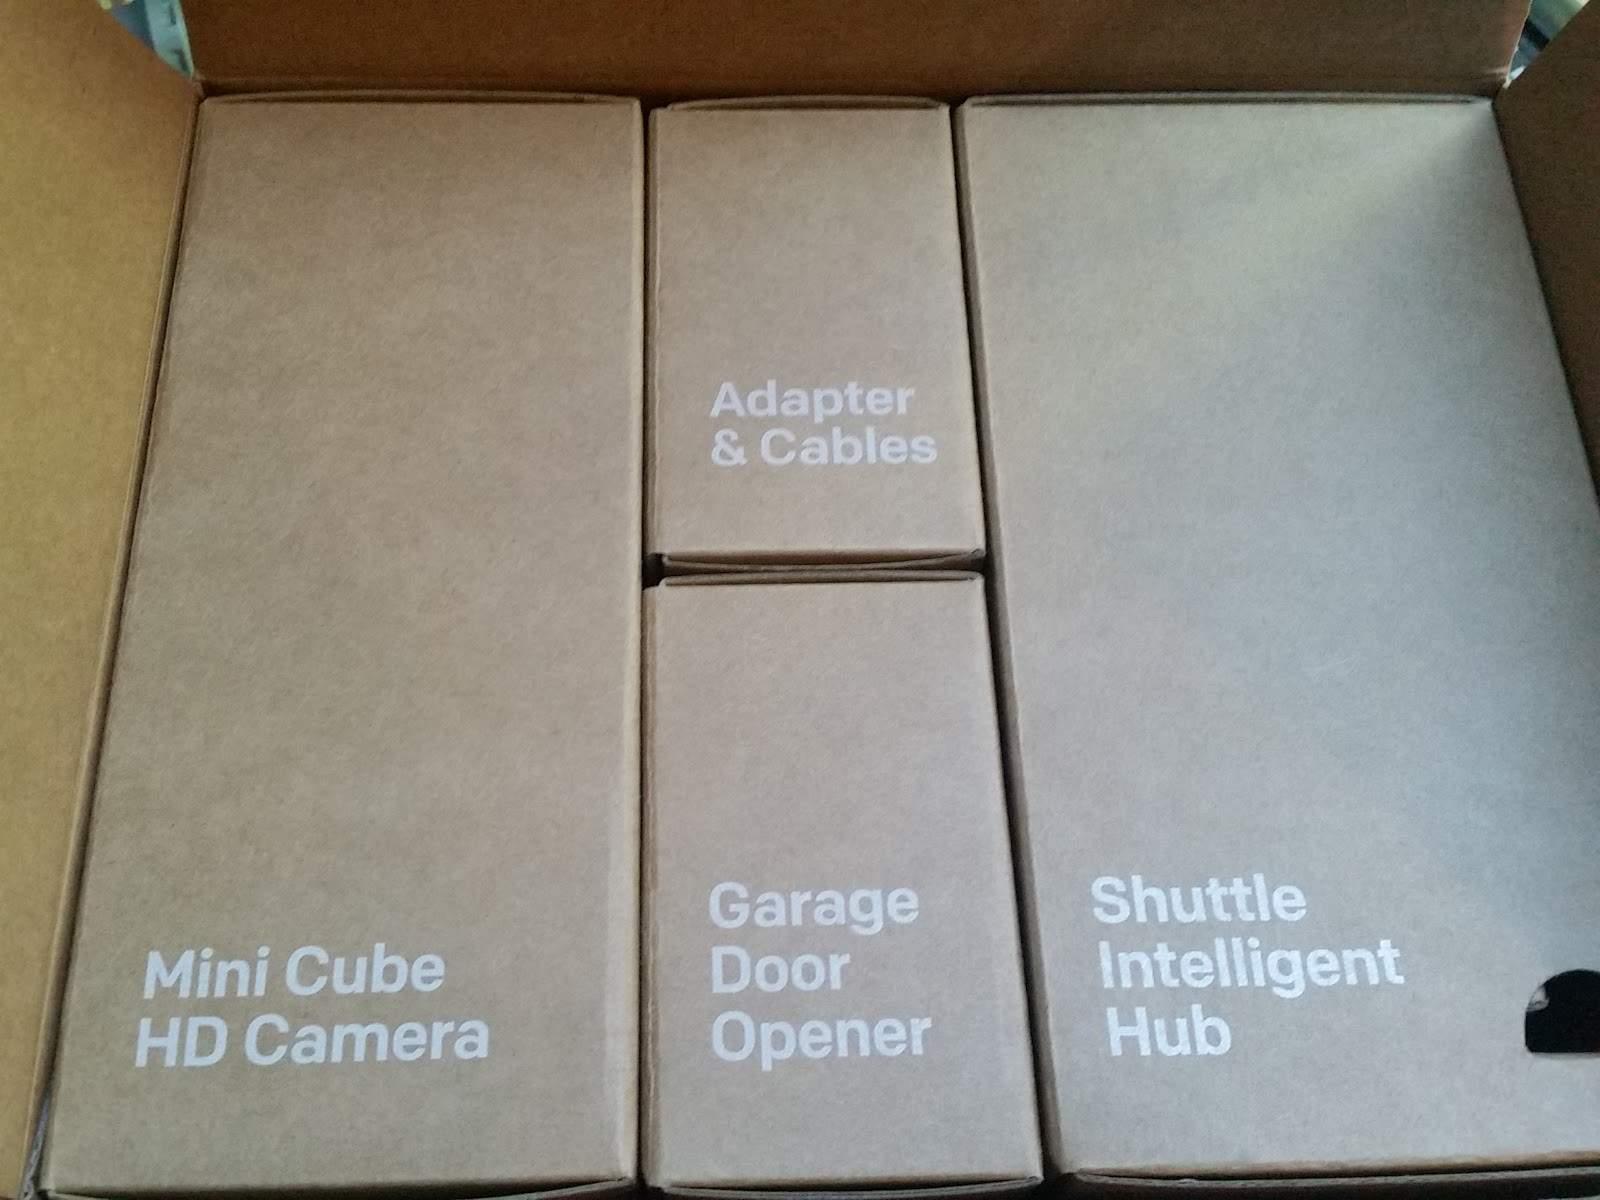 Smart garage systems